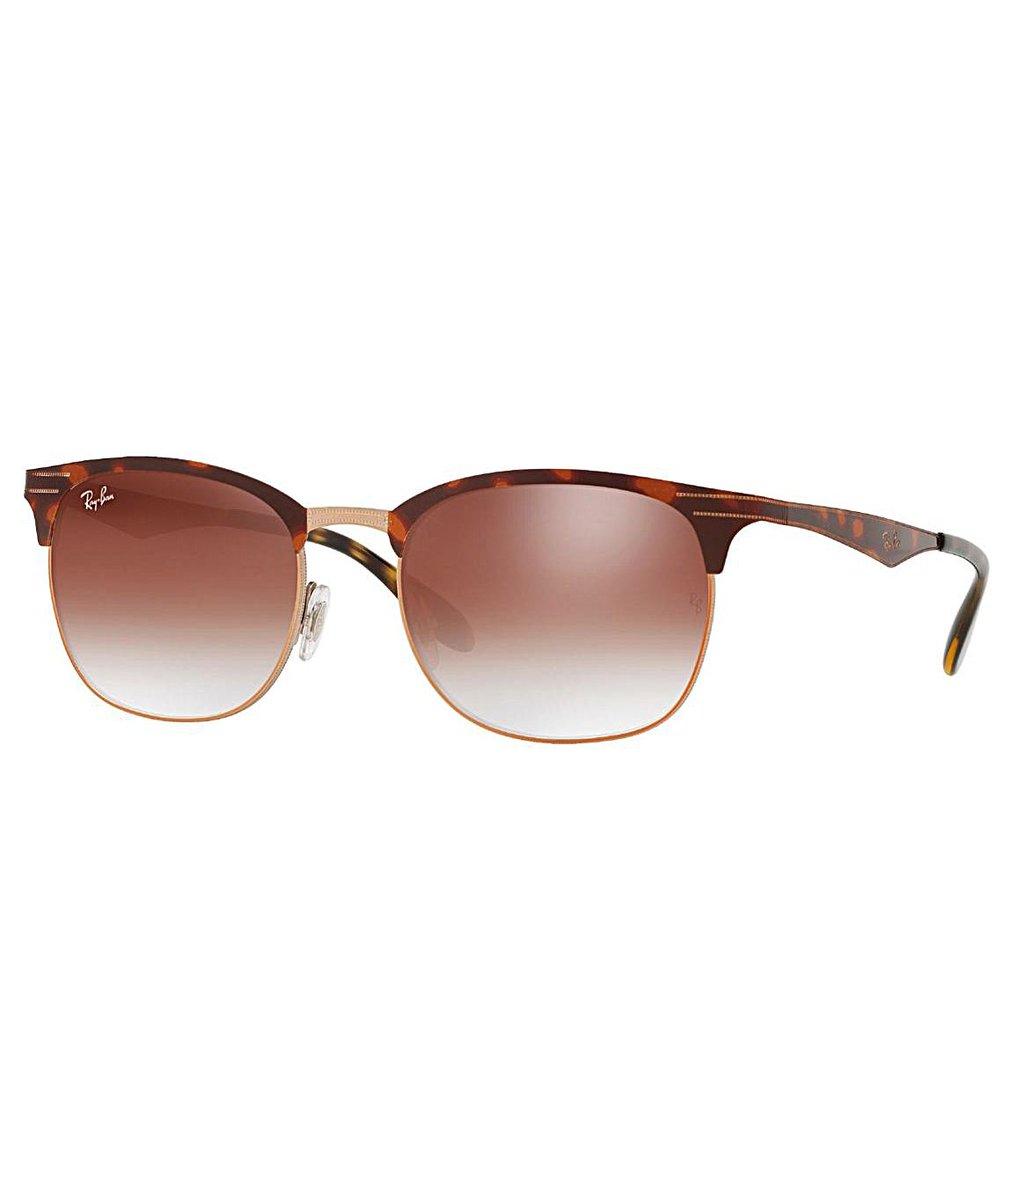 Psst... Get 55-85% off hundreds of sunglasses at #NordstromRack! 💥